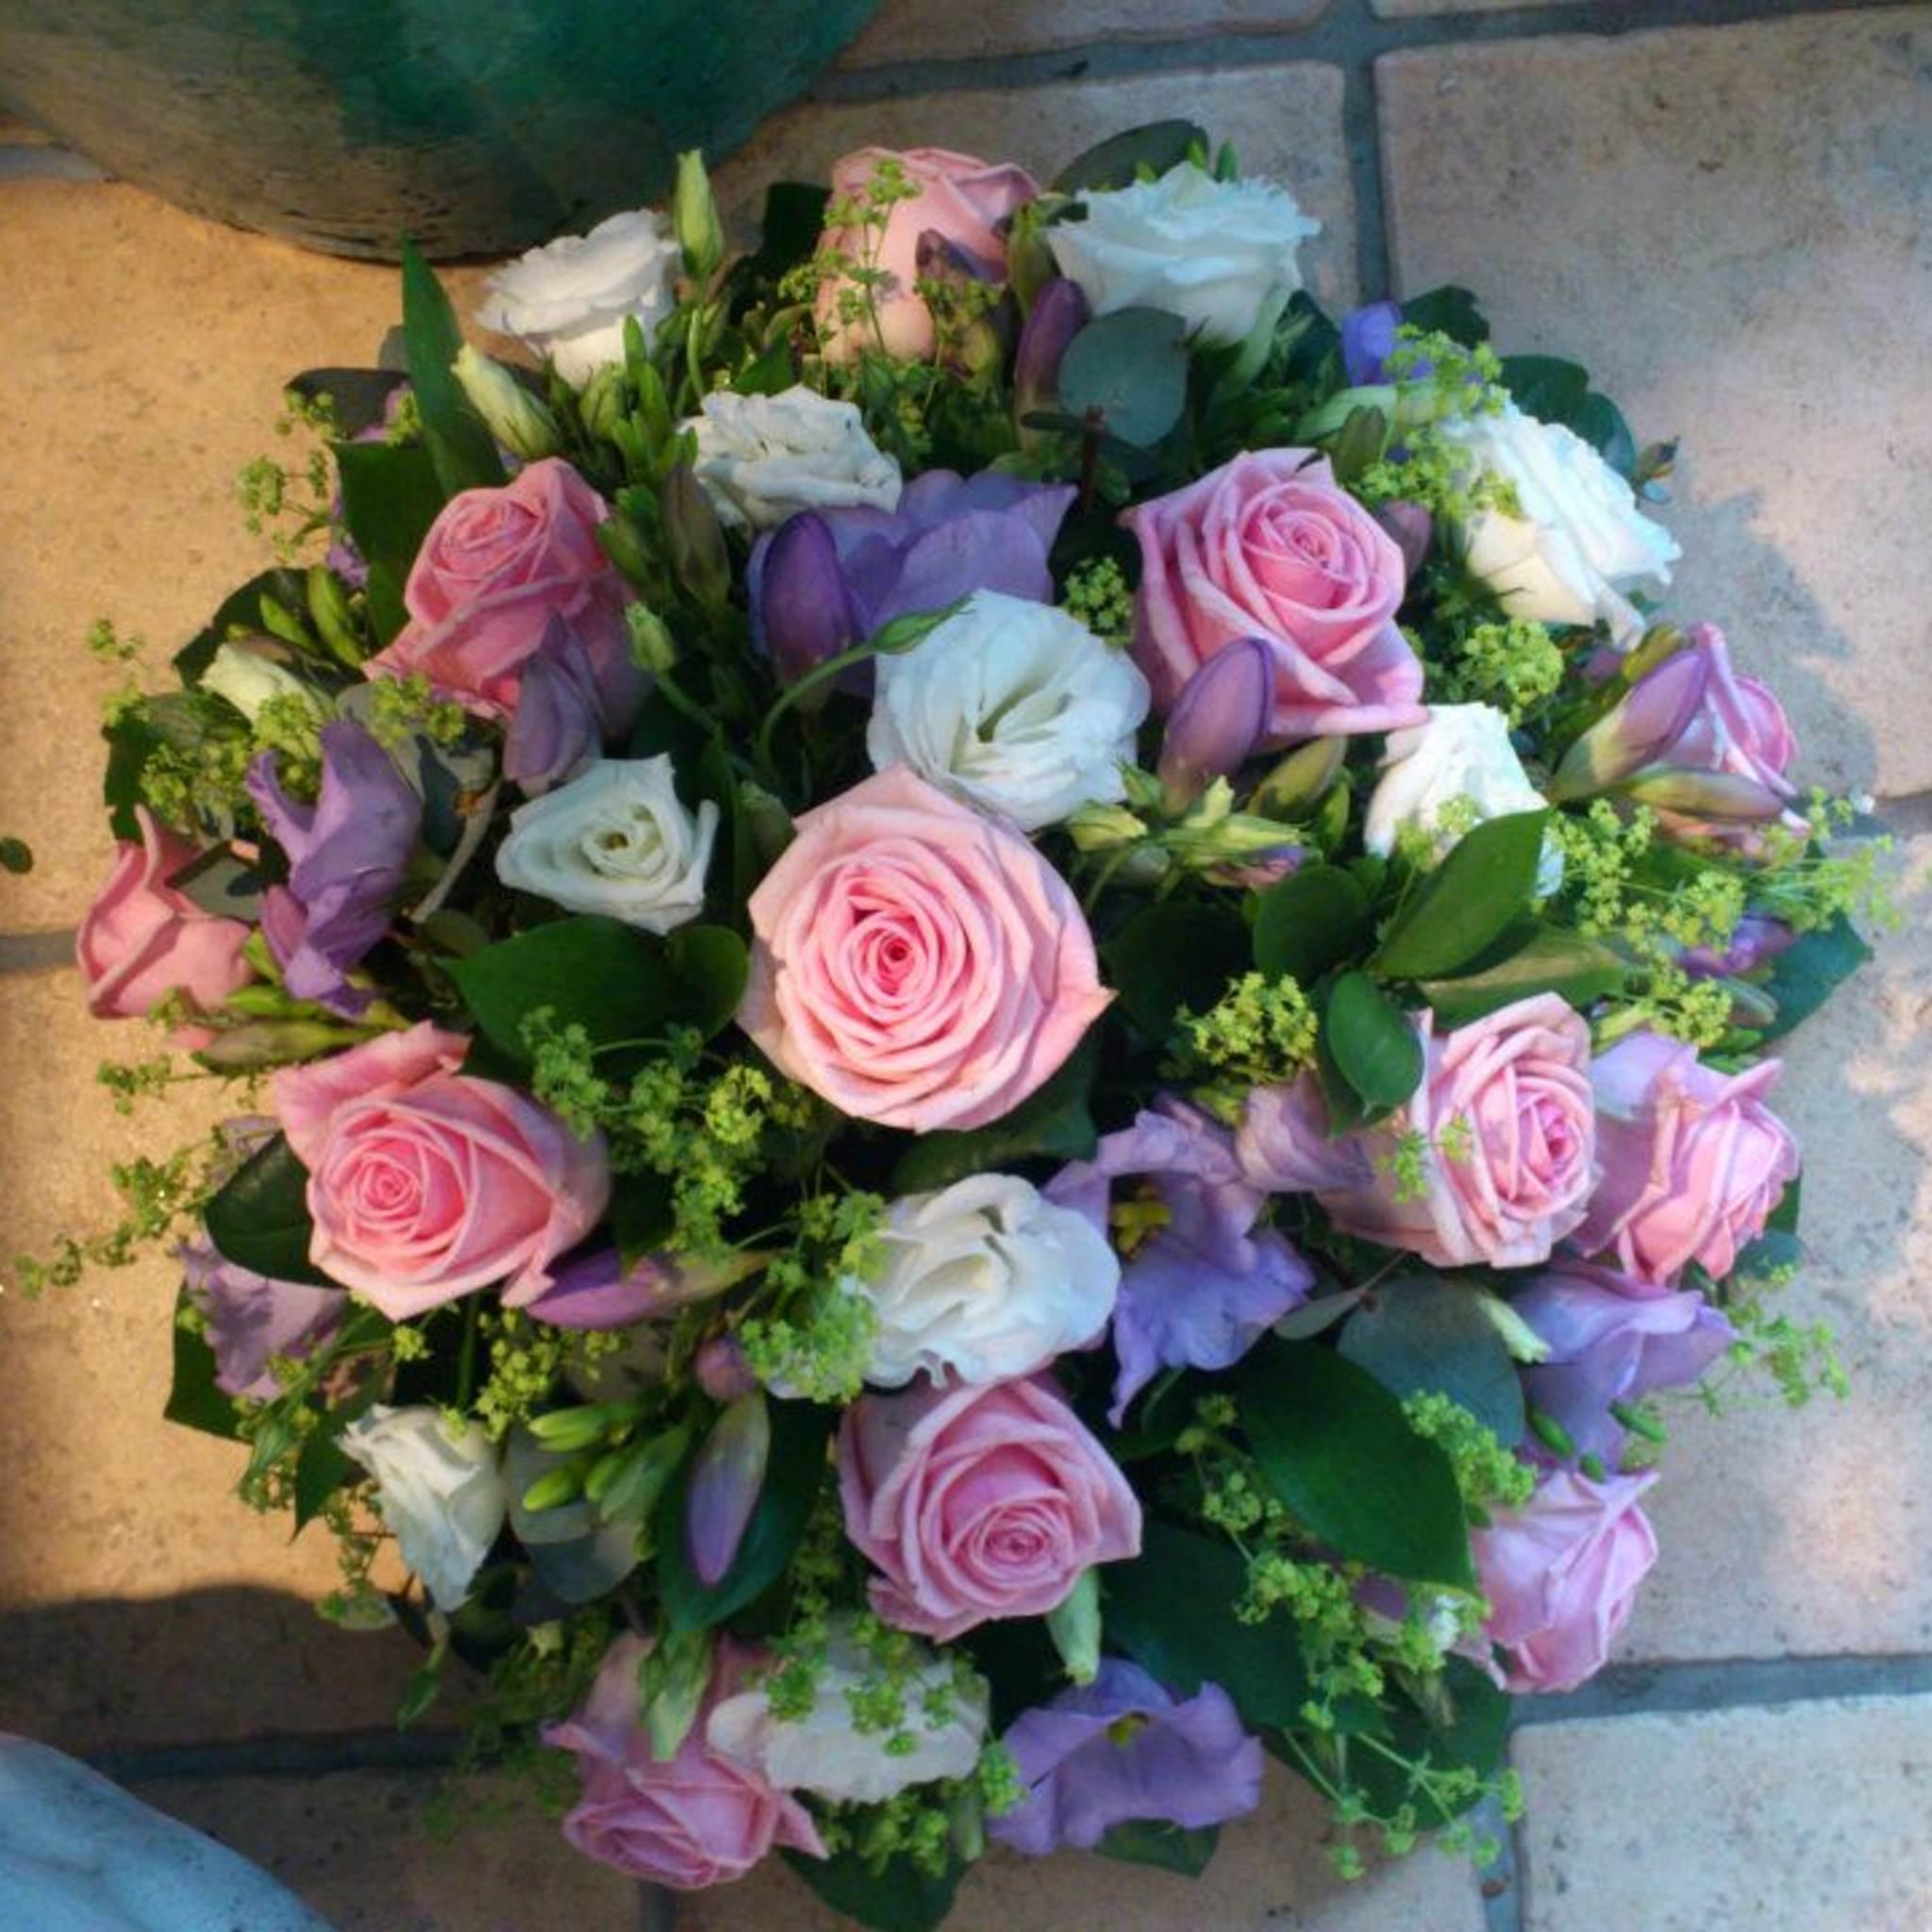 Busy lizzies flowers for sympathy sympathy 1 sympathy 2 sympathy 5 dhlflorist Gallery